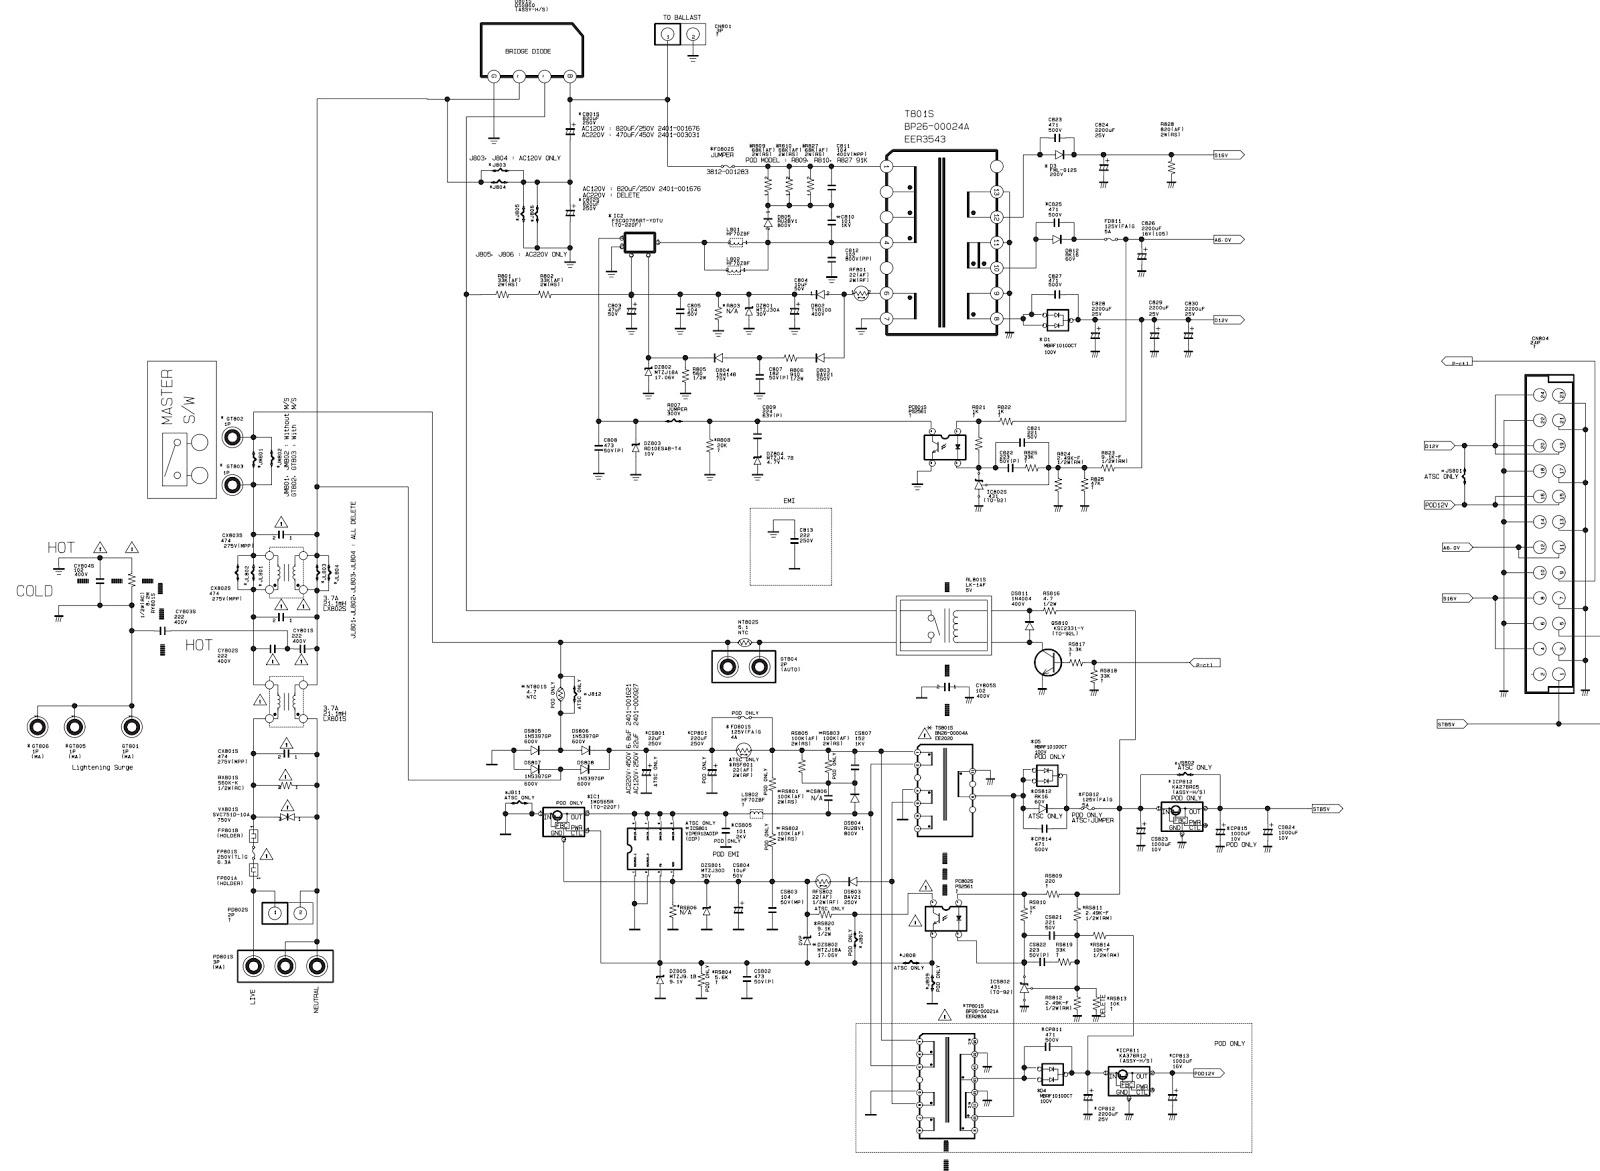 samsung dlp wiring diagram wiring diagram info samsung dlp wiring diagram [ 1600 x 1171 Pixel ]